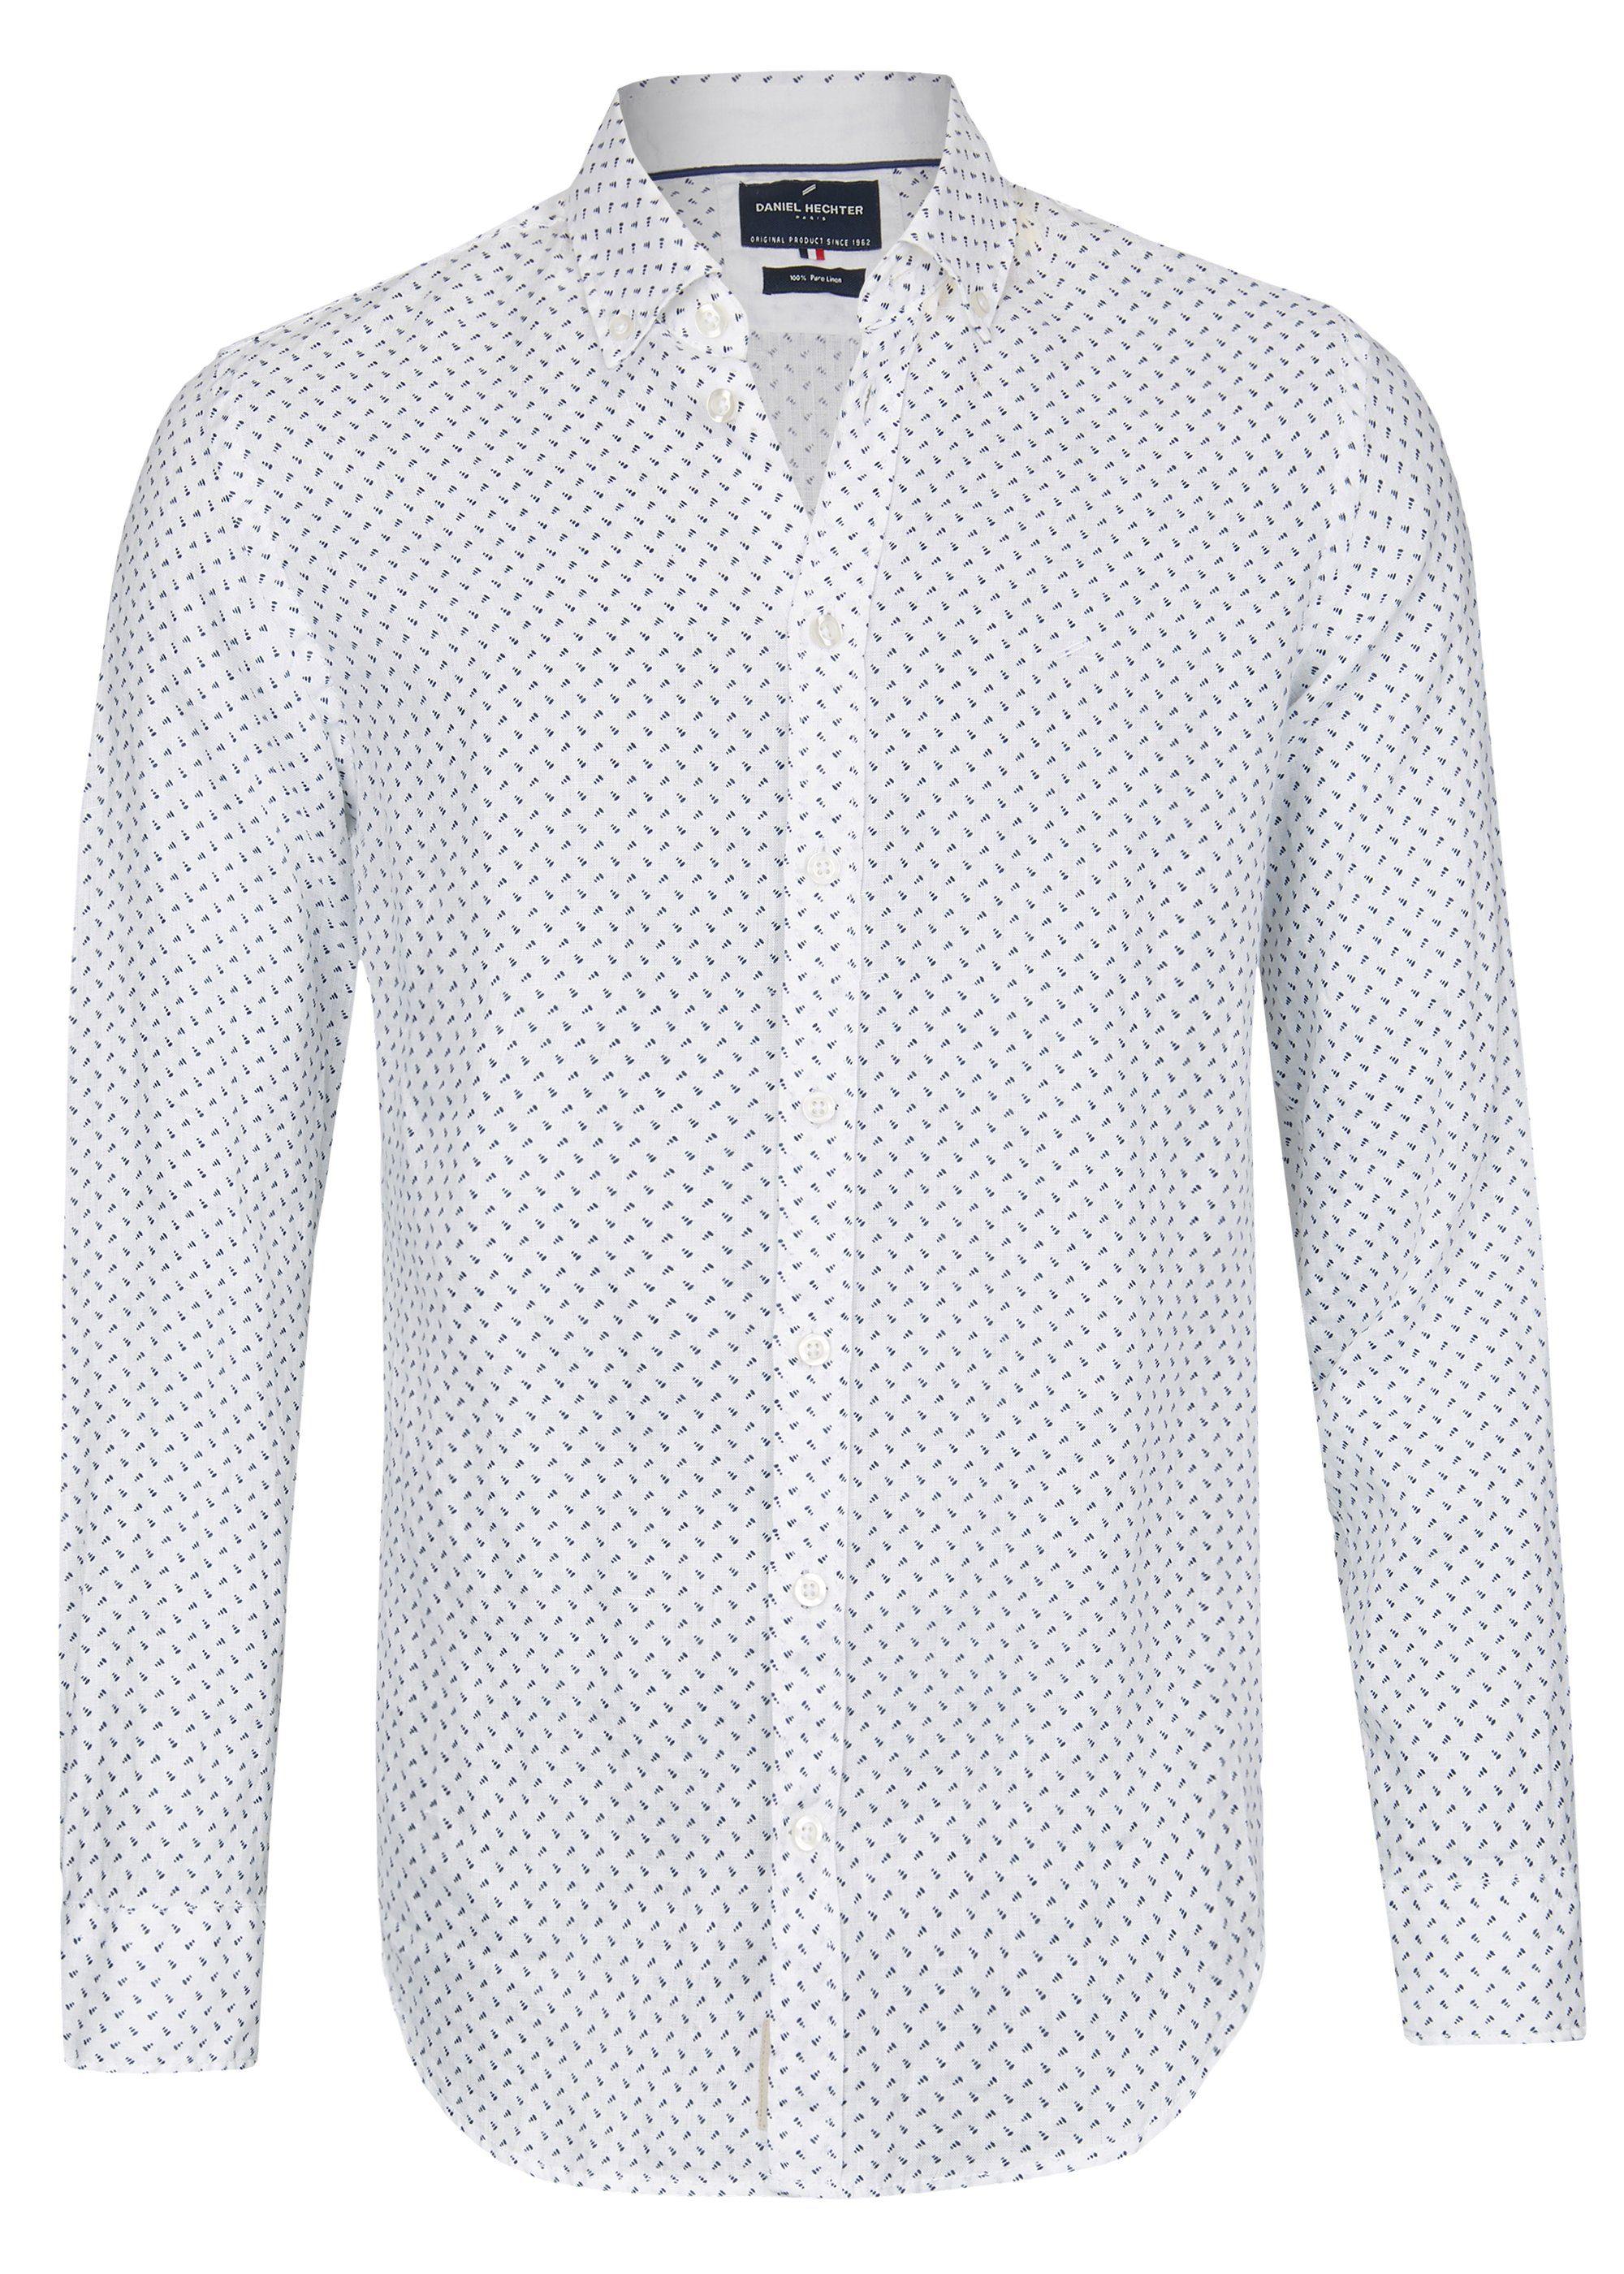 Daniel Hechter Leinen Casual Hemd